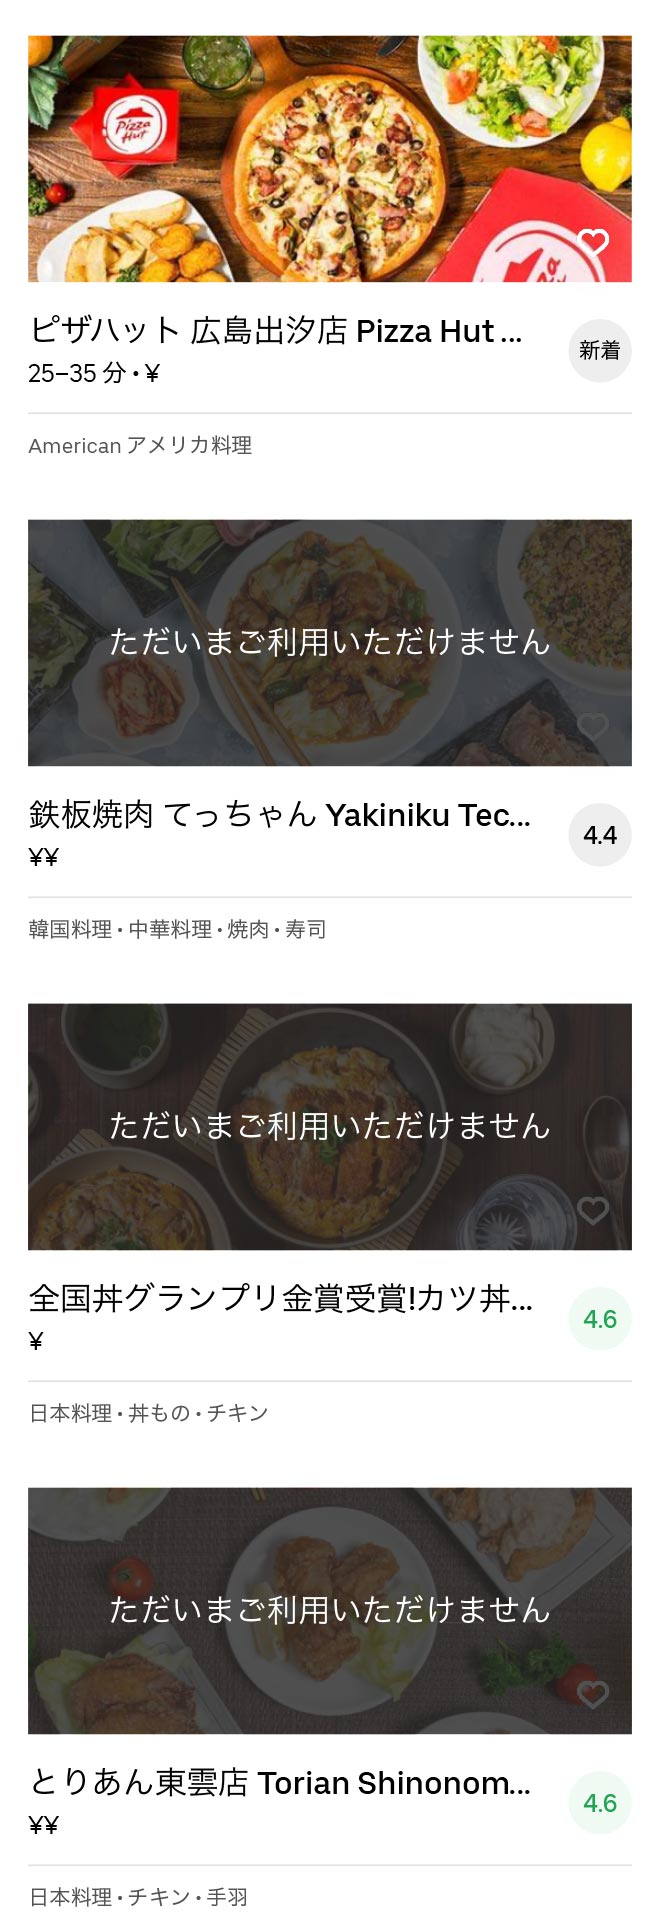 Hiroshima mukainada menu 2005 09